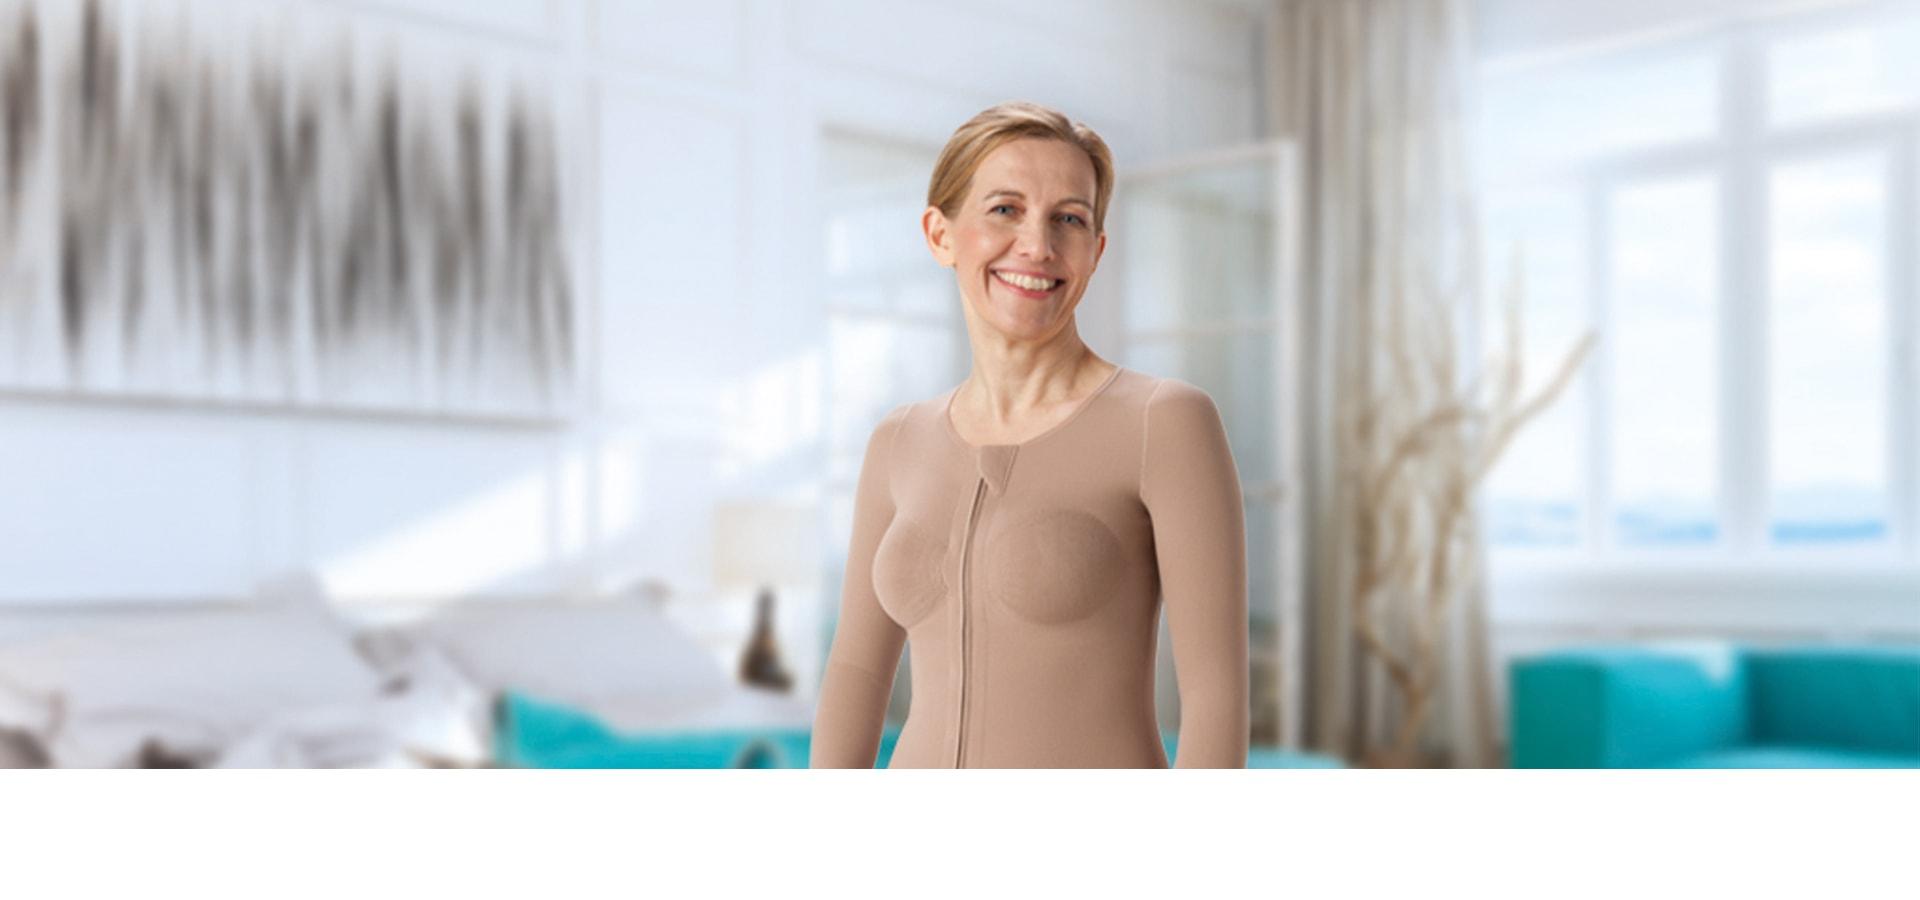 rahm zentrum für gesundheit sanitätshaus beratung versorgung ratgeber experten kompression